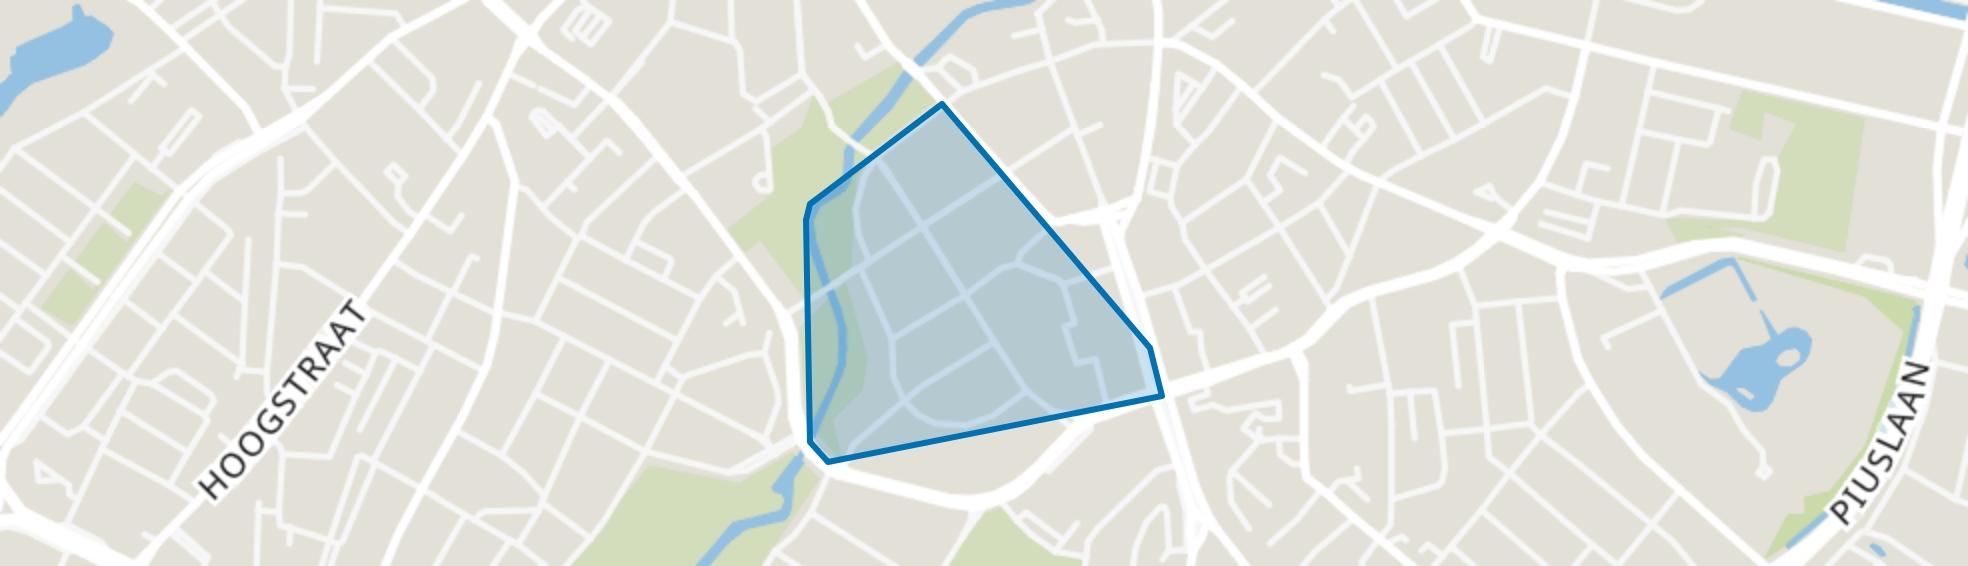 Elzent-Noord, Eindhoven map